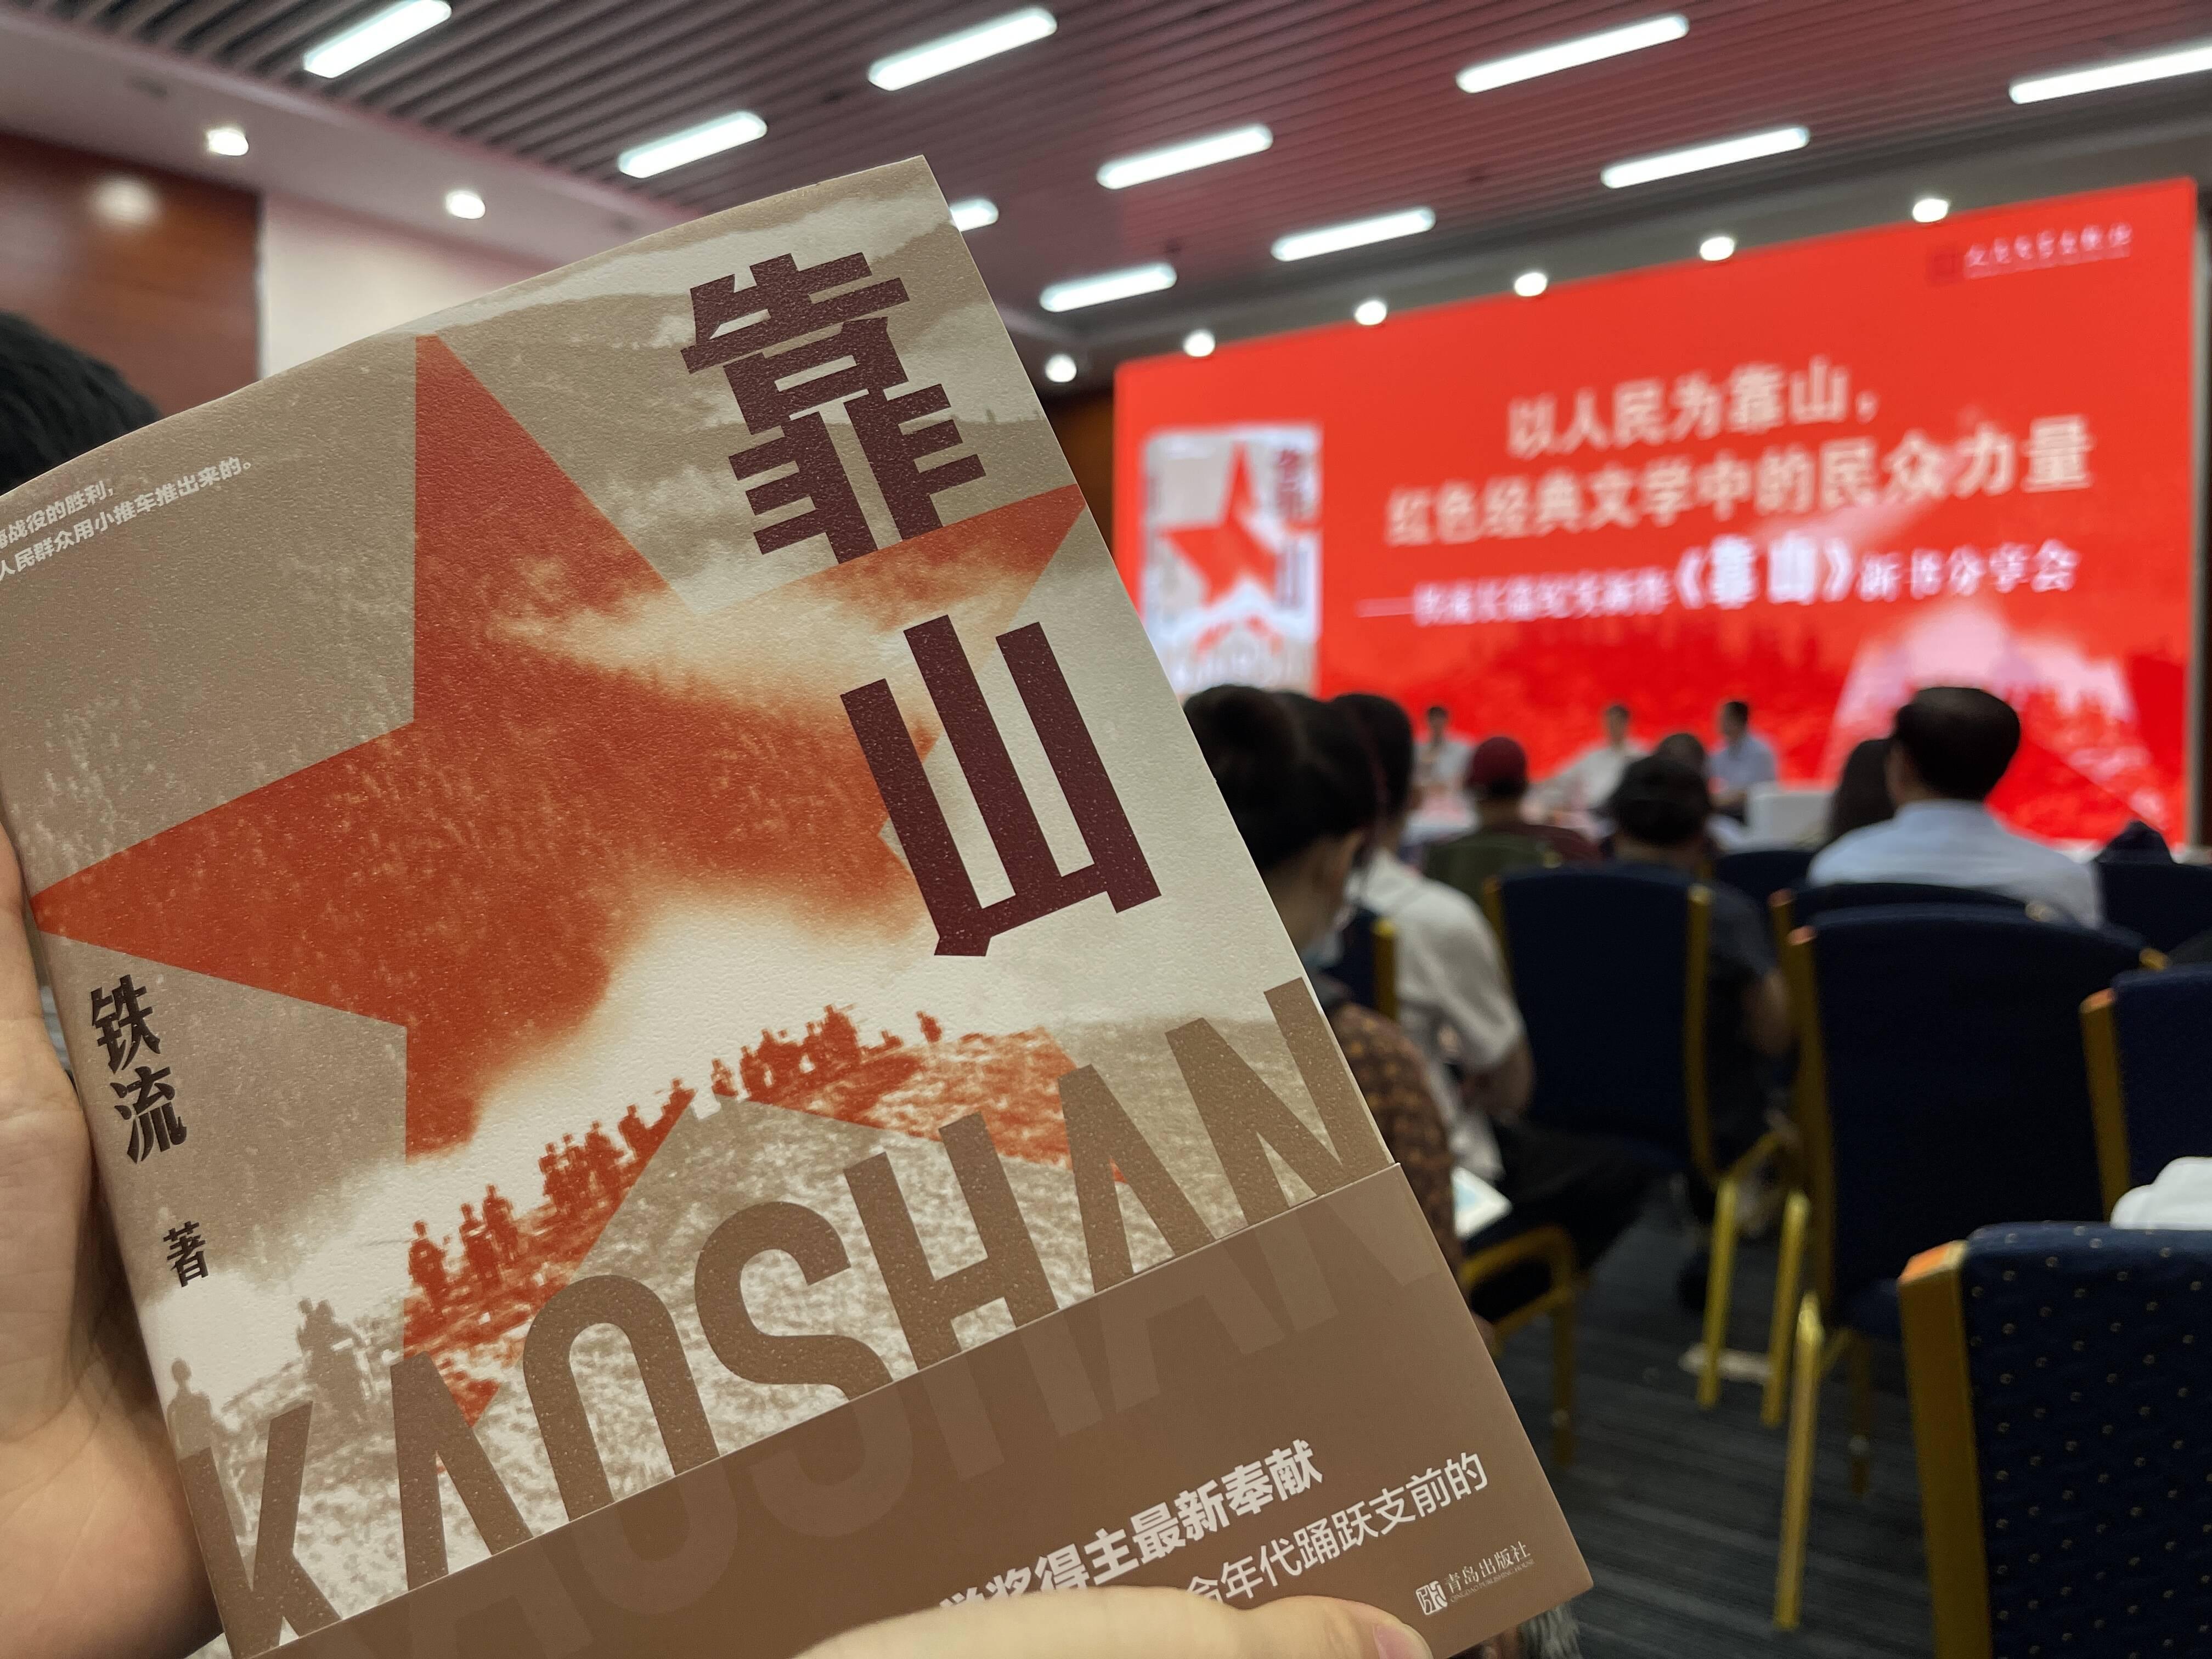 以人民为靠山!作家铁流在济南举行新书《靠山》分享会